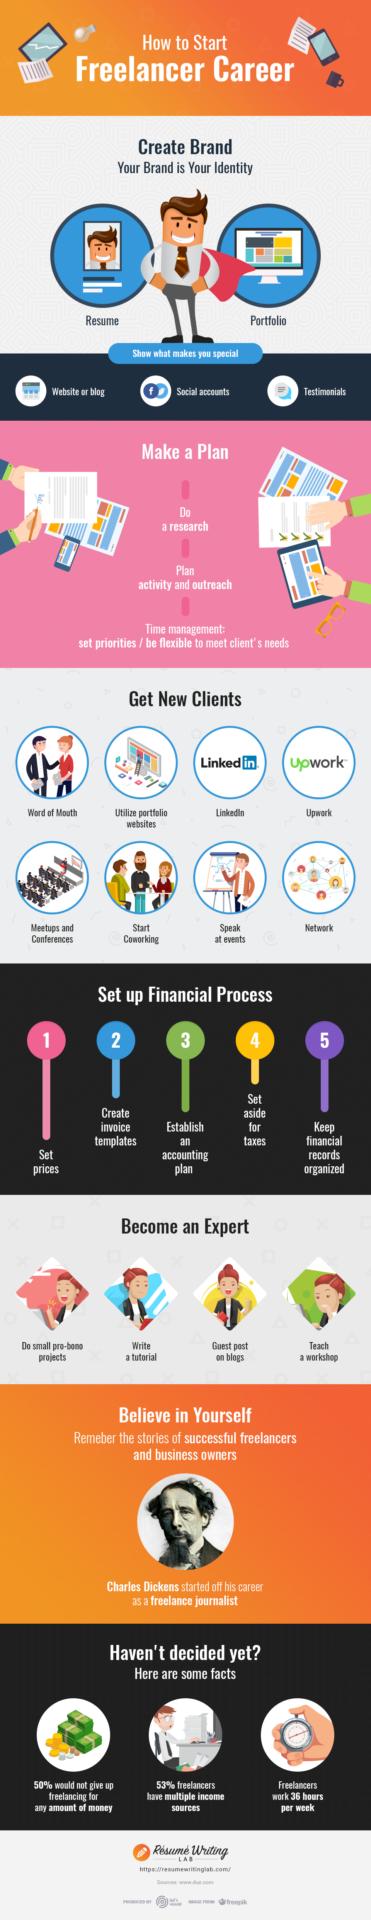 Career in Freelance